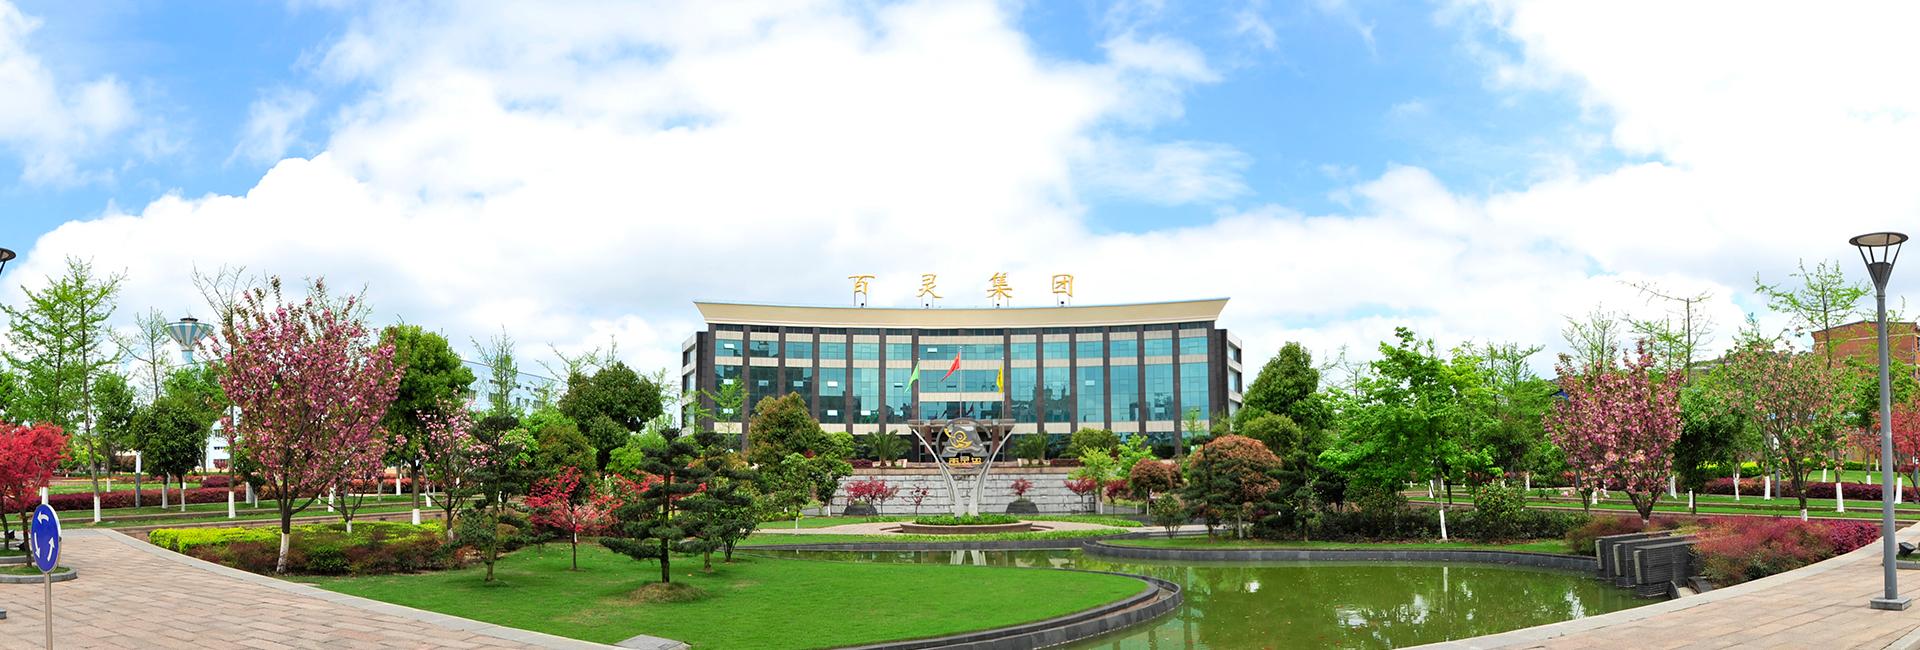 贵州百灵36个品种54个批文入选新版国家基药目录 市场推广有望加速